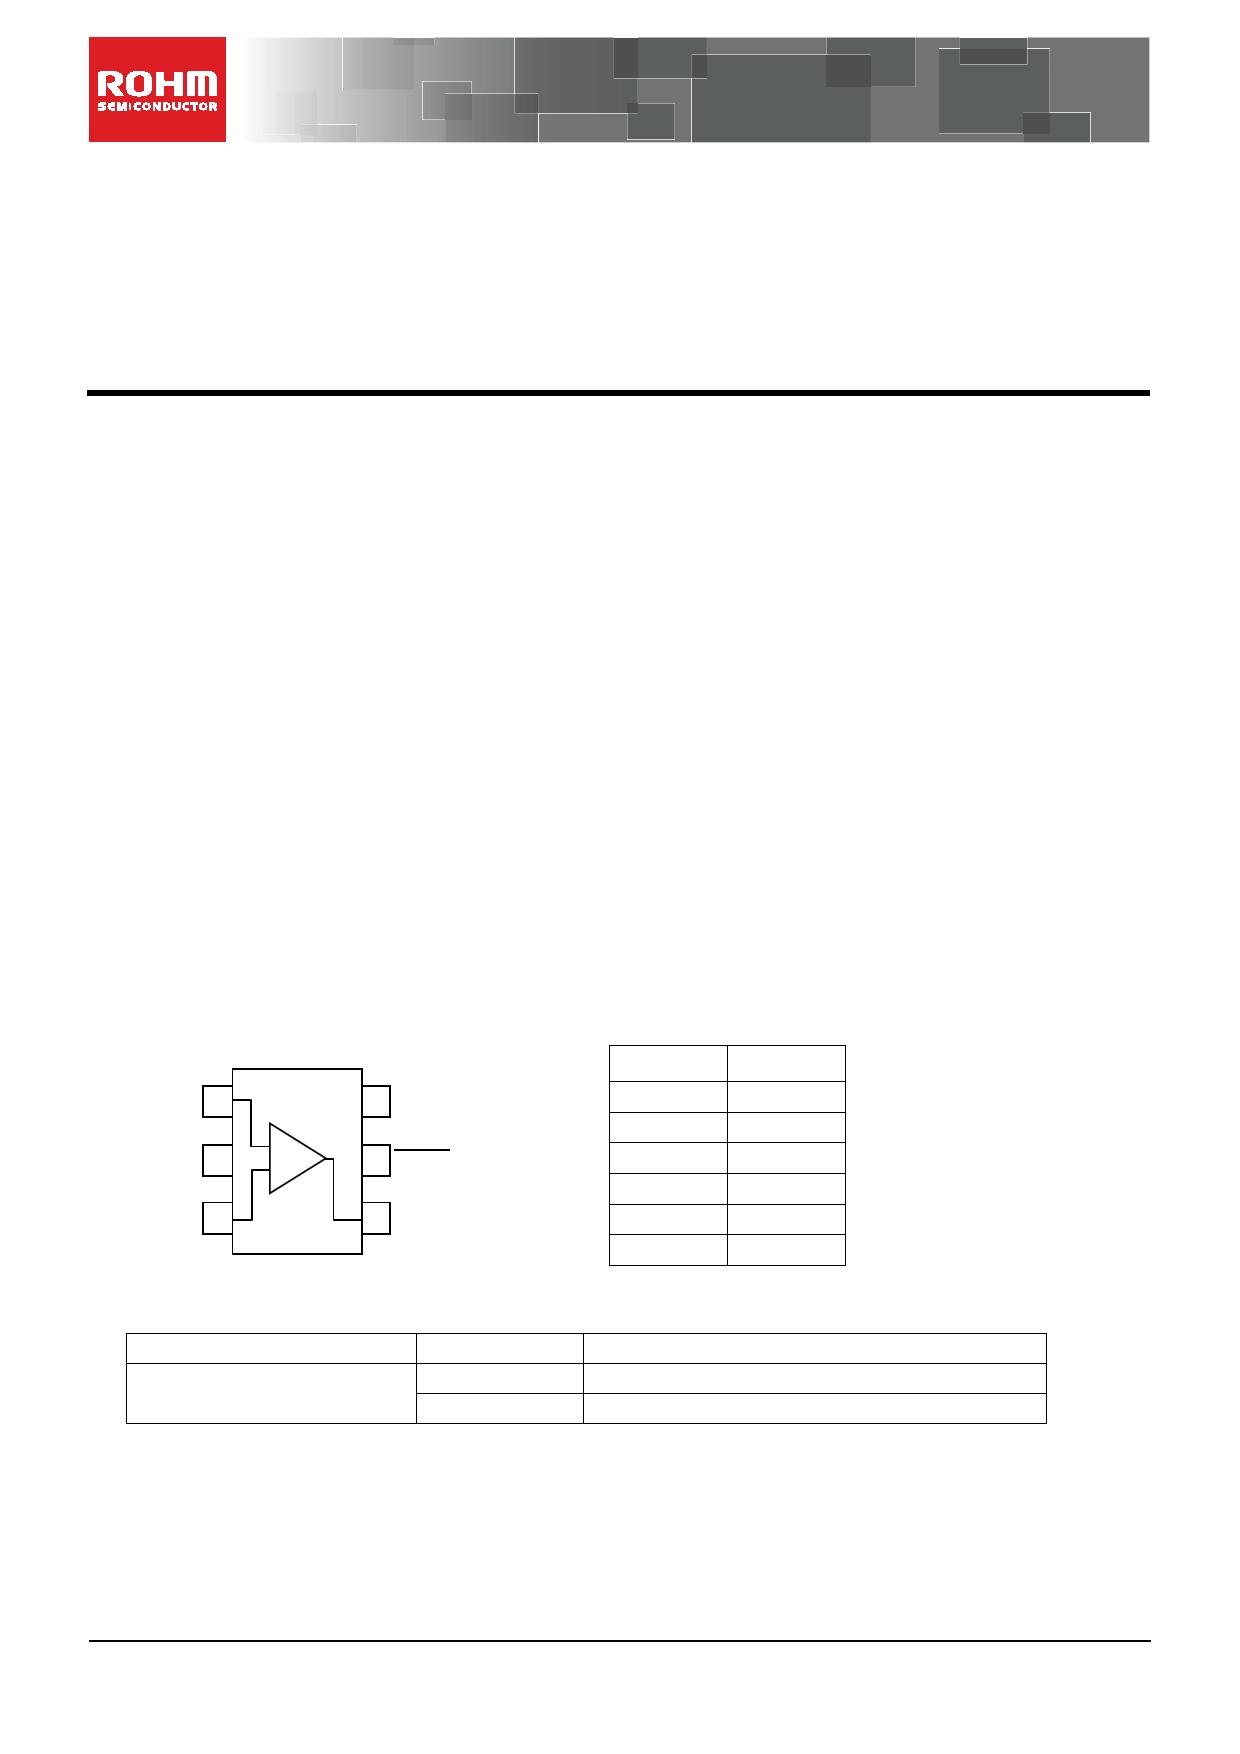 TLR342FJ datasheet, circuit